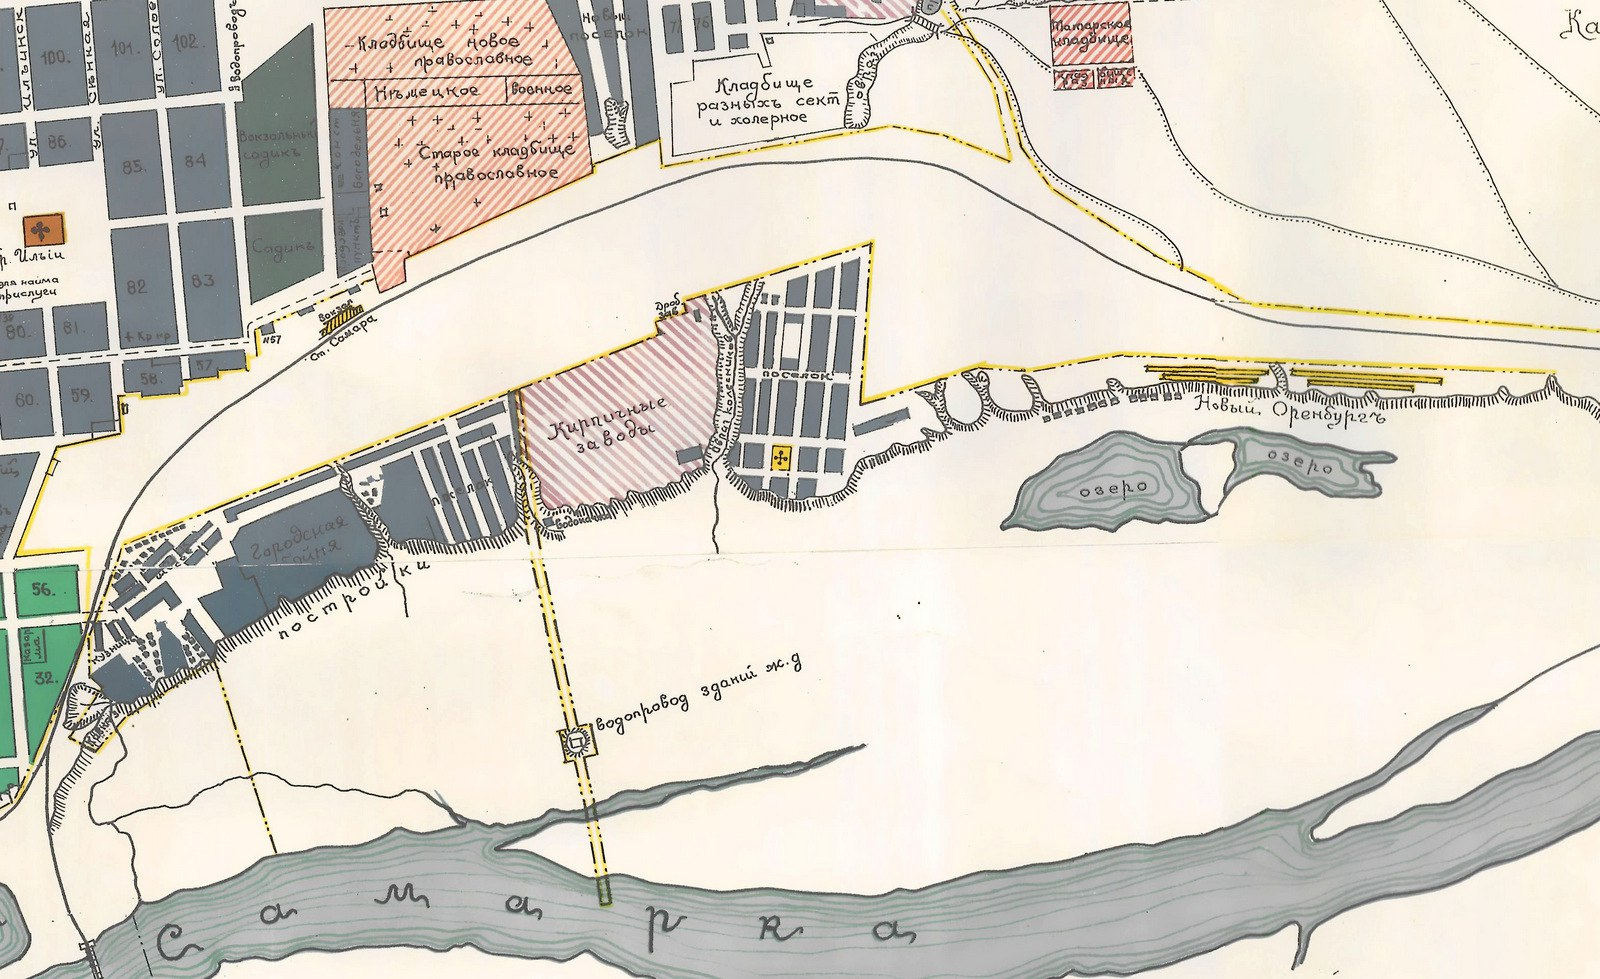 несколько блоков, карта старой самары картинки весьма милая, причесончик